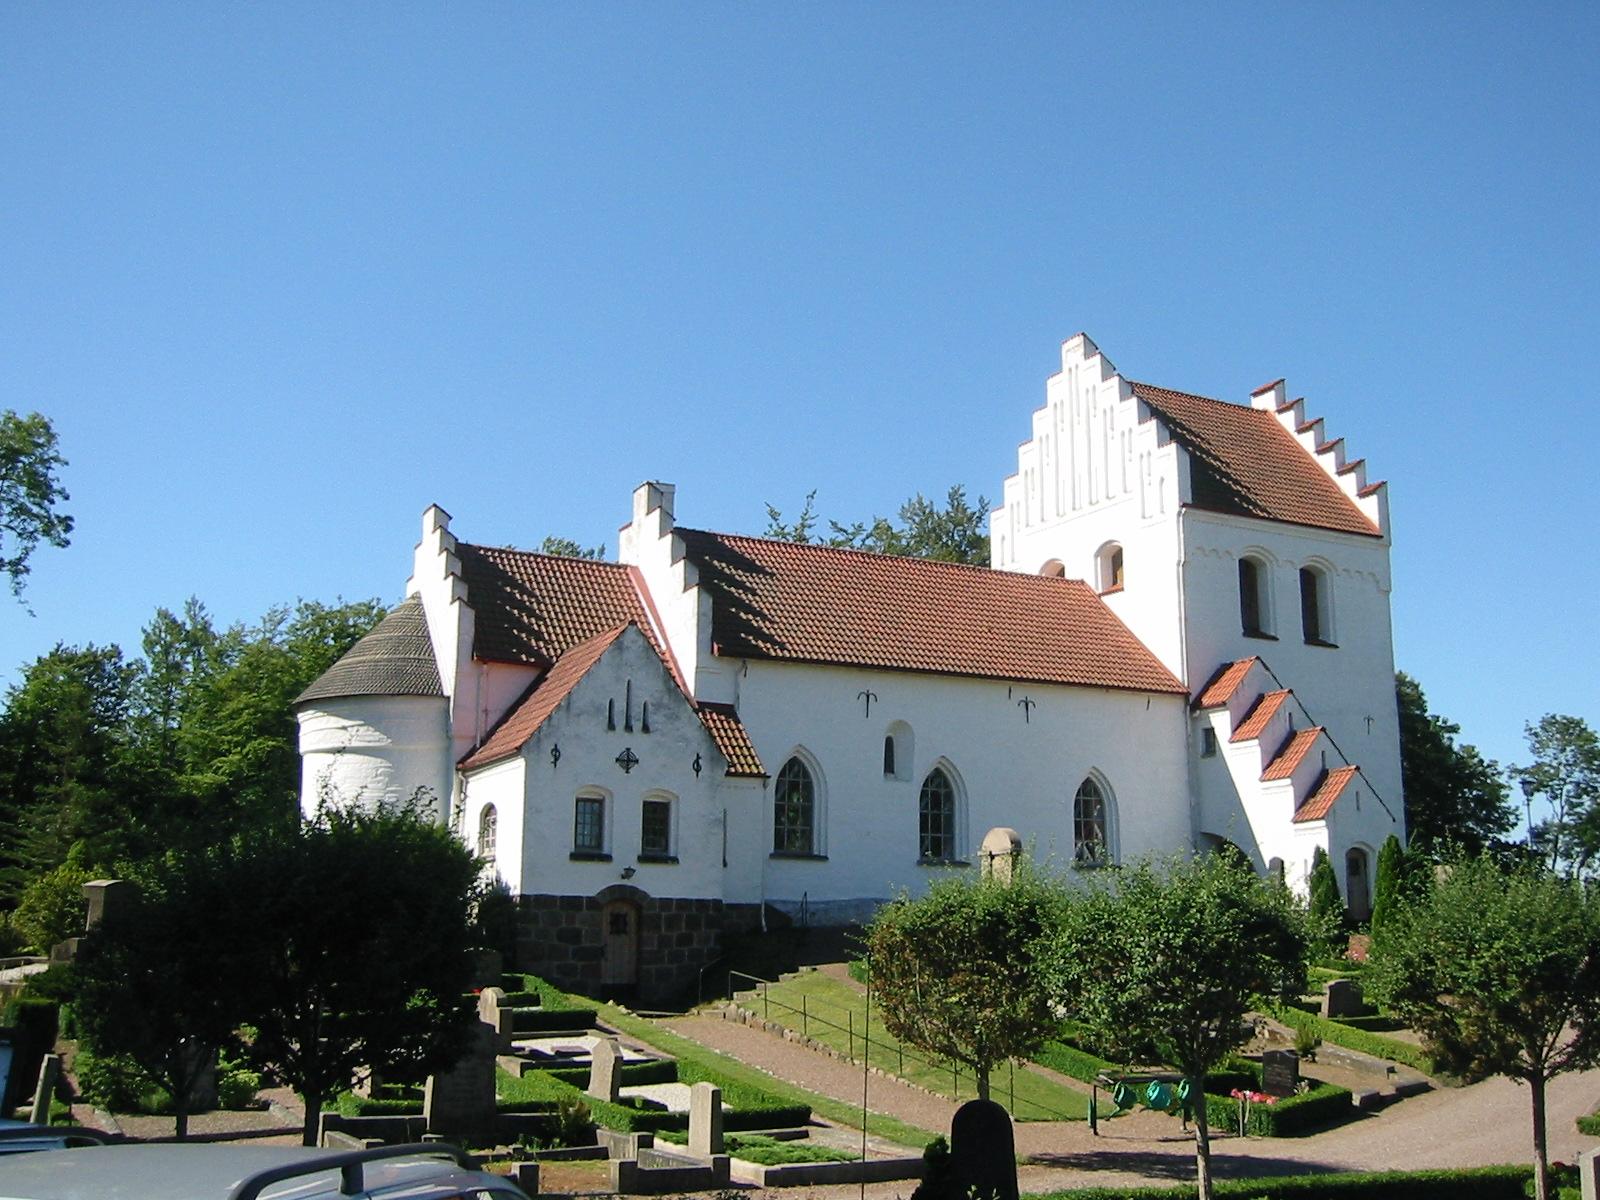 Image result for Sireköpinge, Malmöhus, Sweden